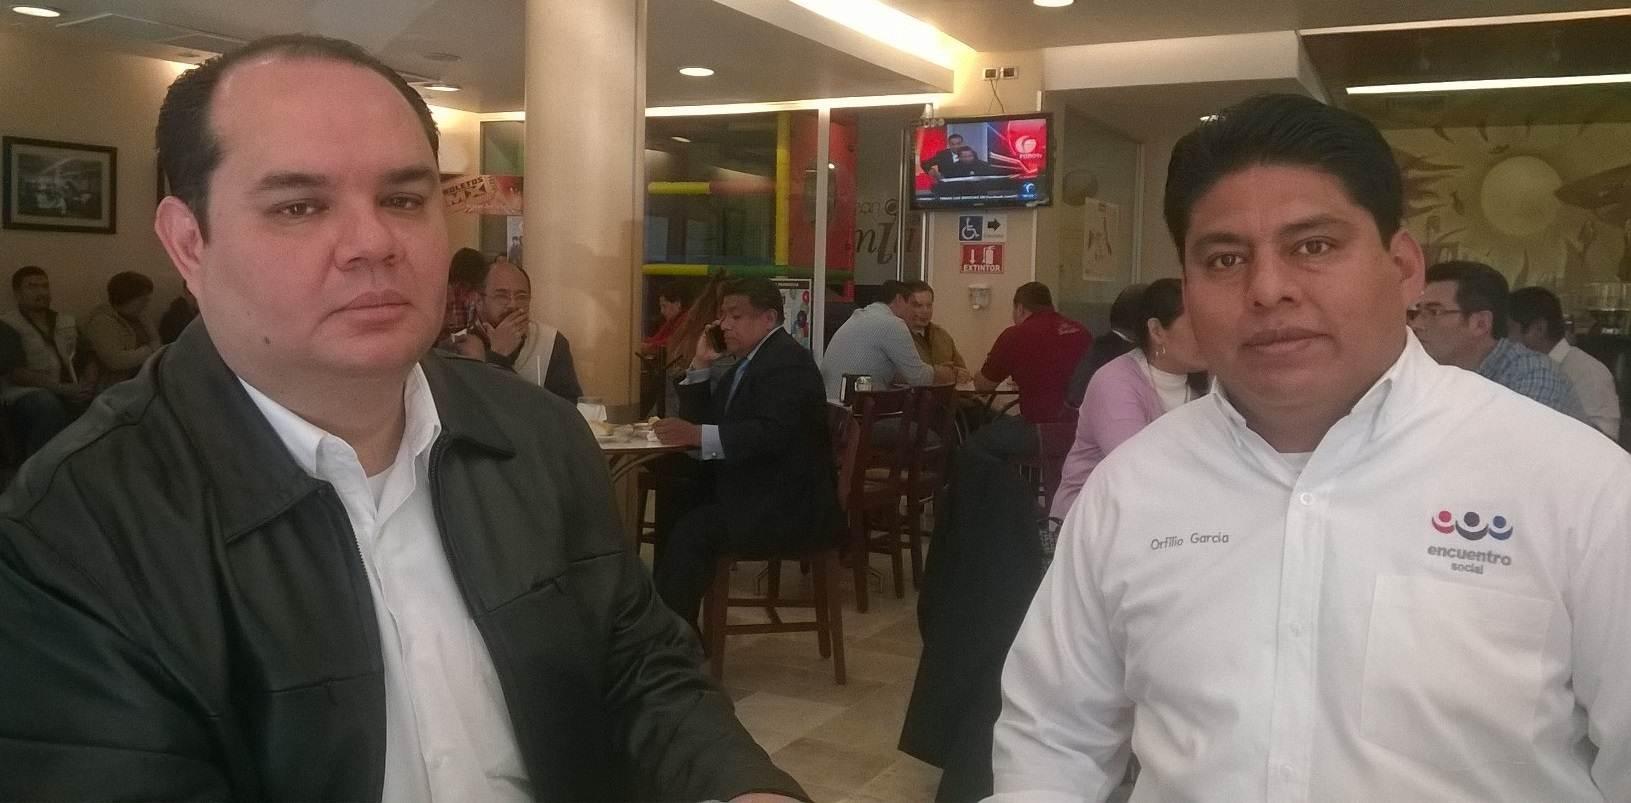 Victor Manuel Quiroz Rocha y Orfilio Garcia Ortiz, dirigentes del PES